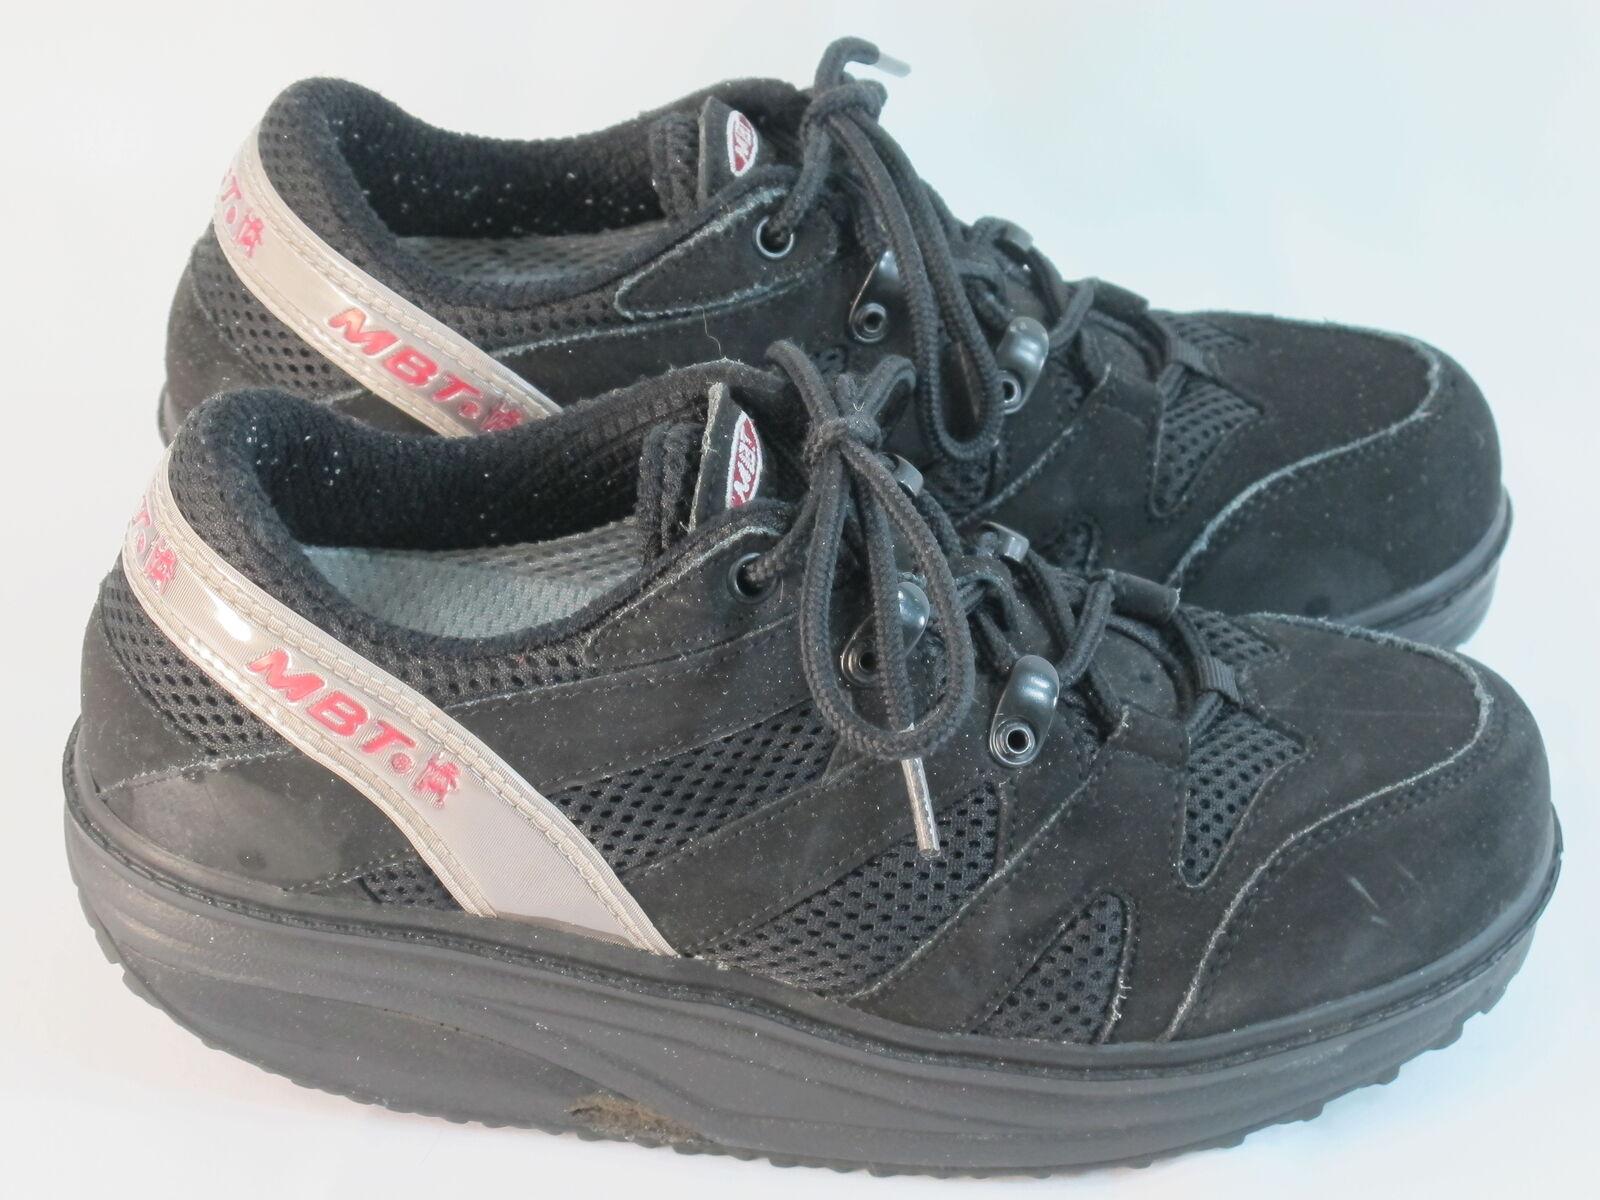 MBT Sport Black Leather Toning Fitness Shoes Women's Size 7 M US Excellent Plus